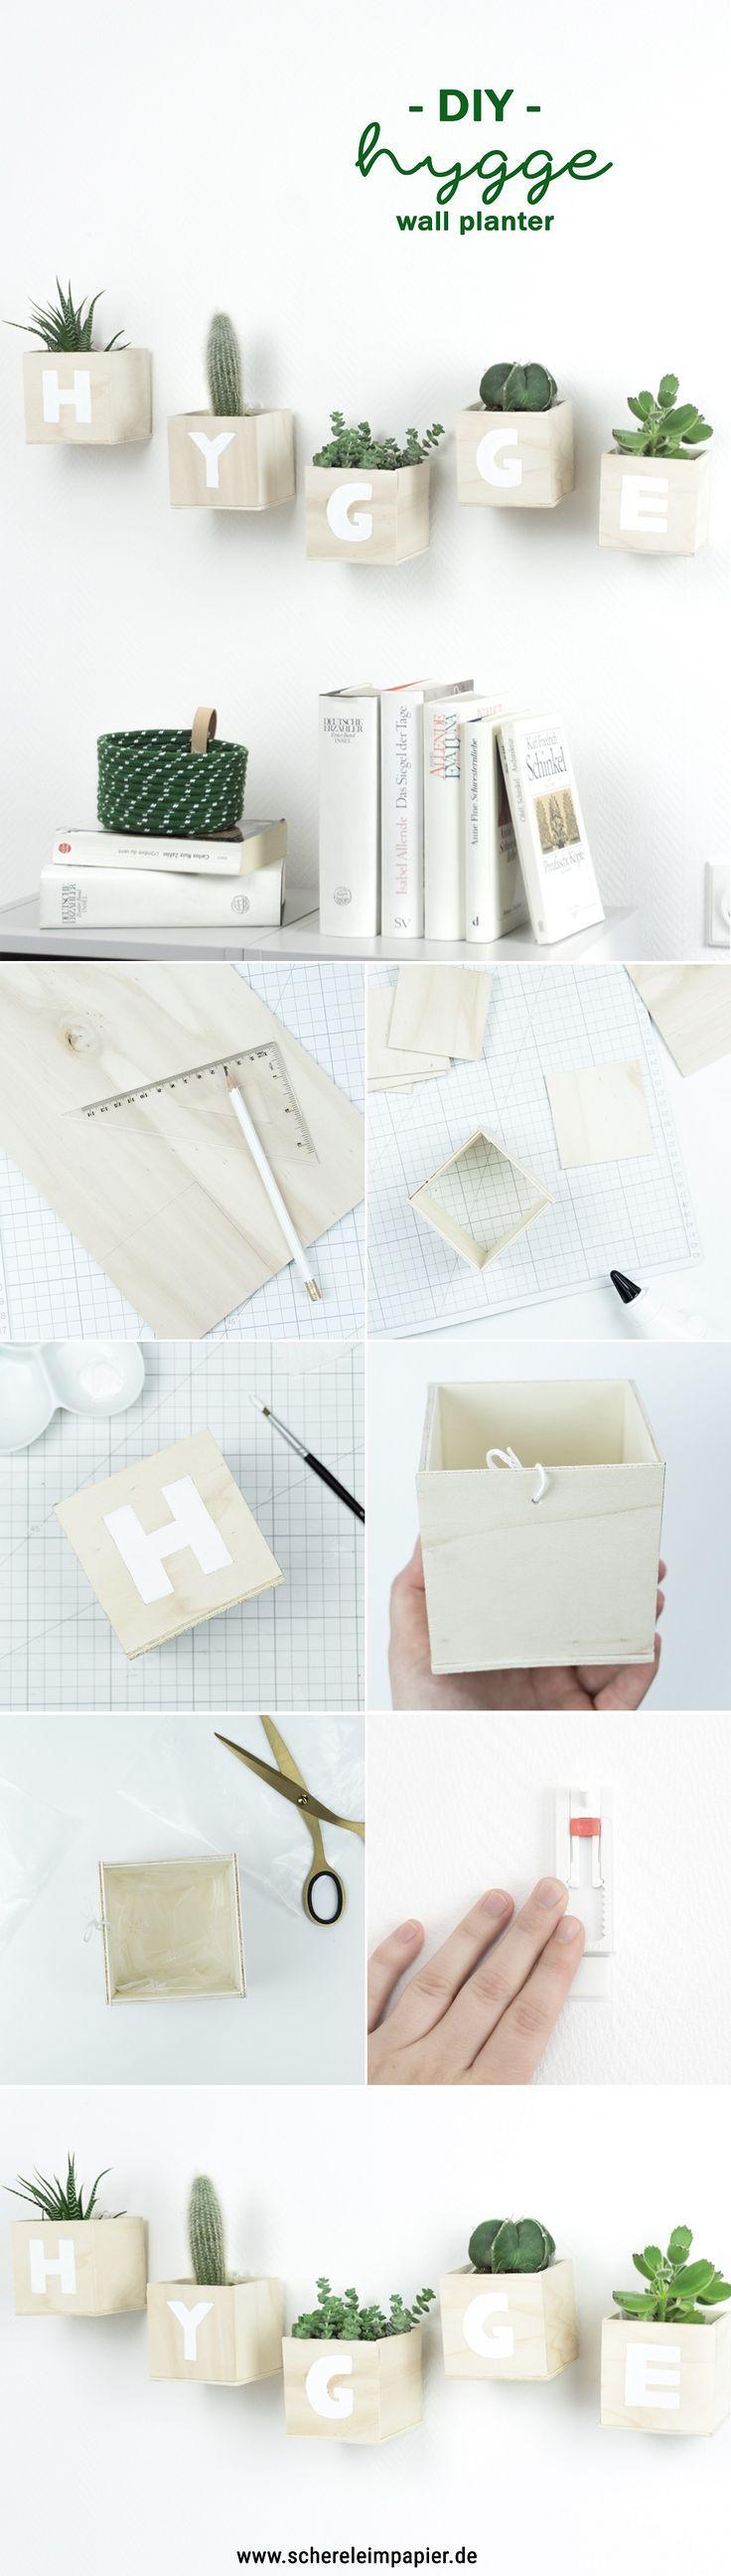 18 best wohnzimmer images on Pinterest | Decorating ideas, Bricolage ...